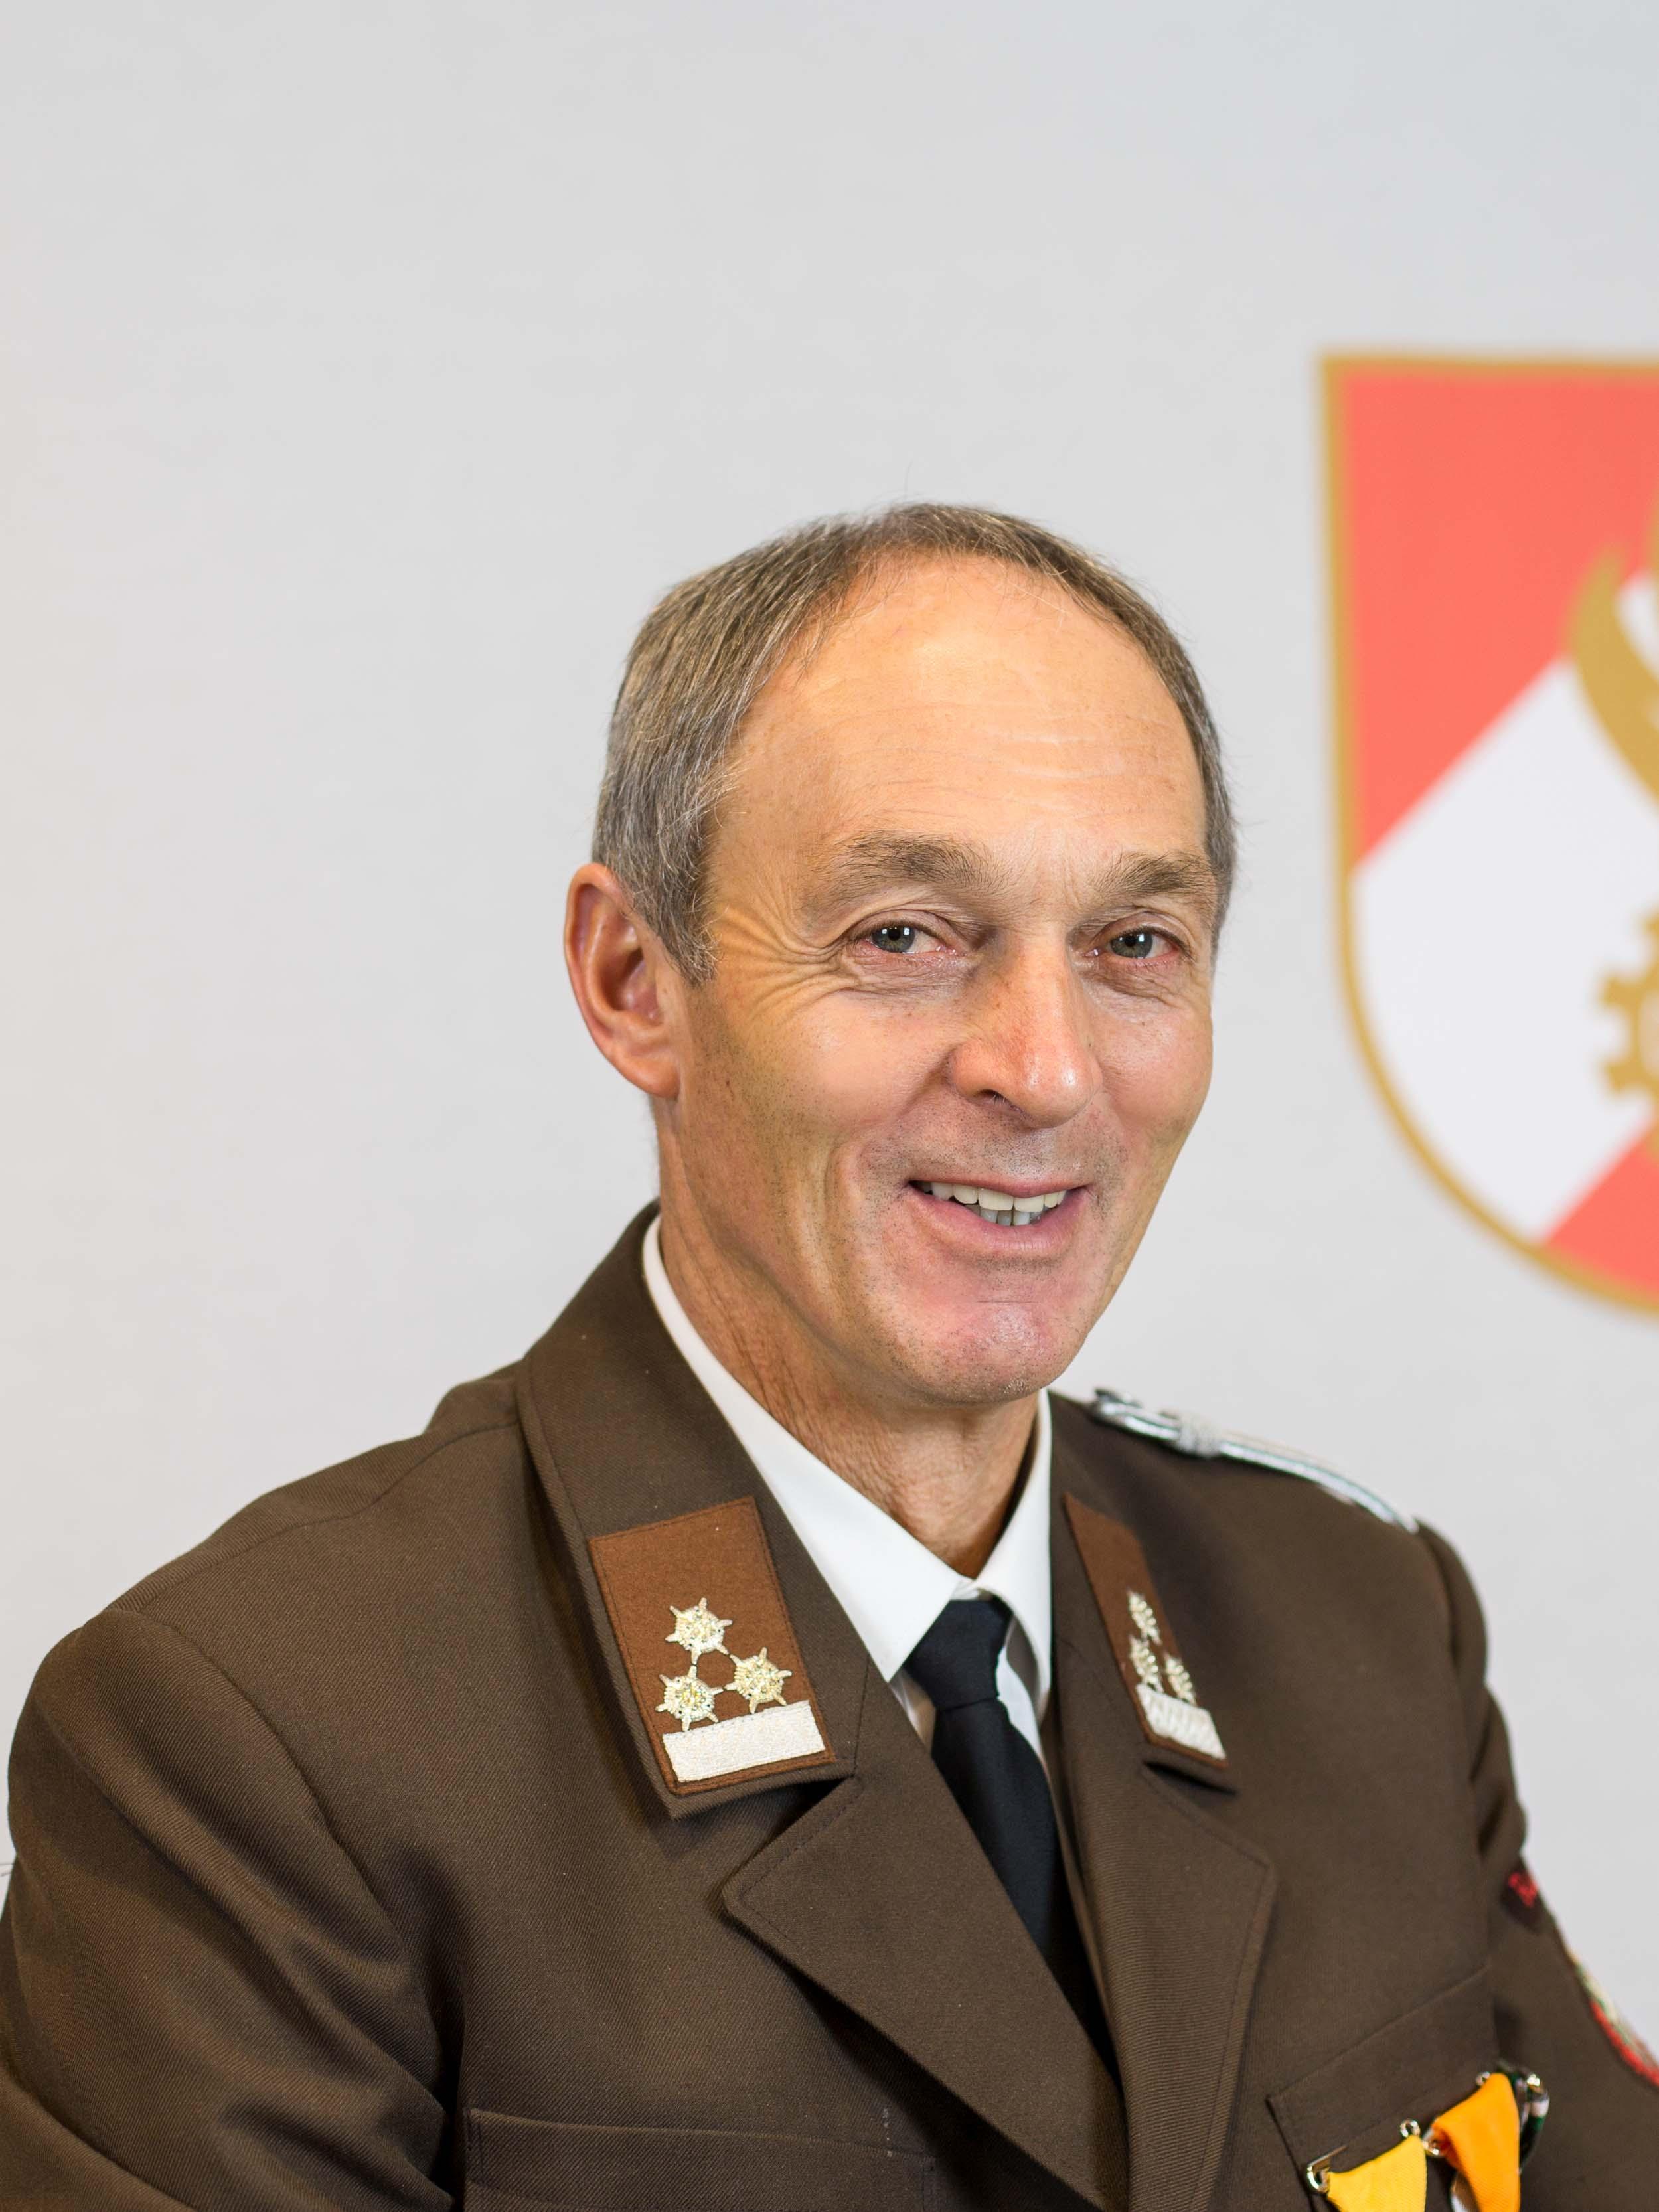 Helmut Danglmaier